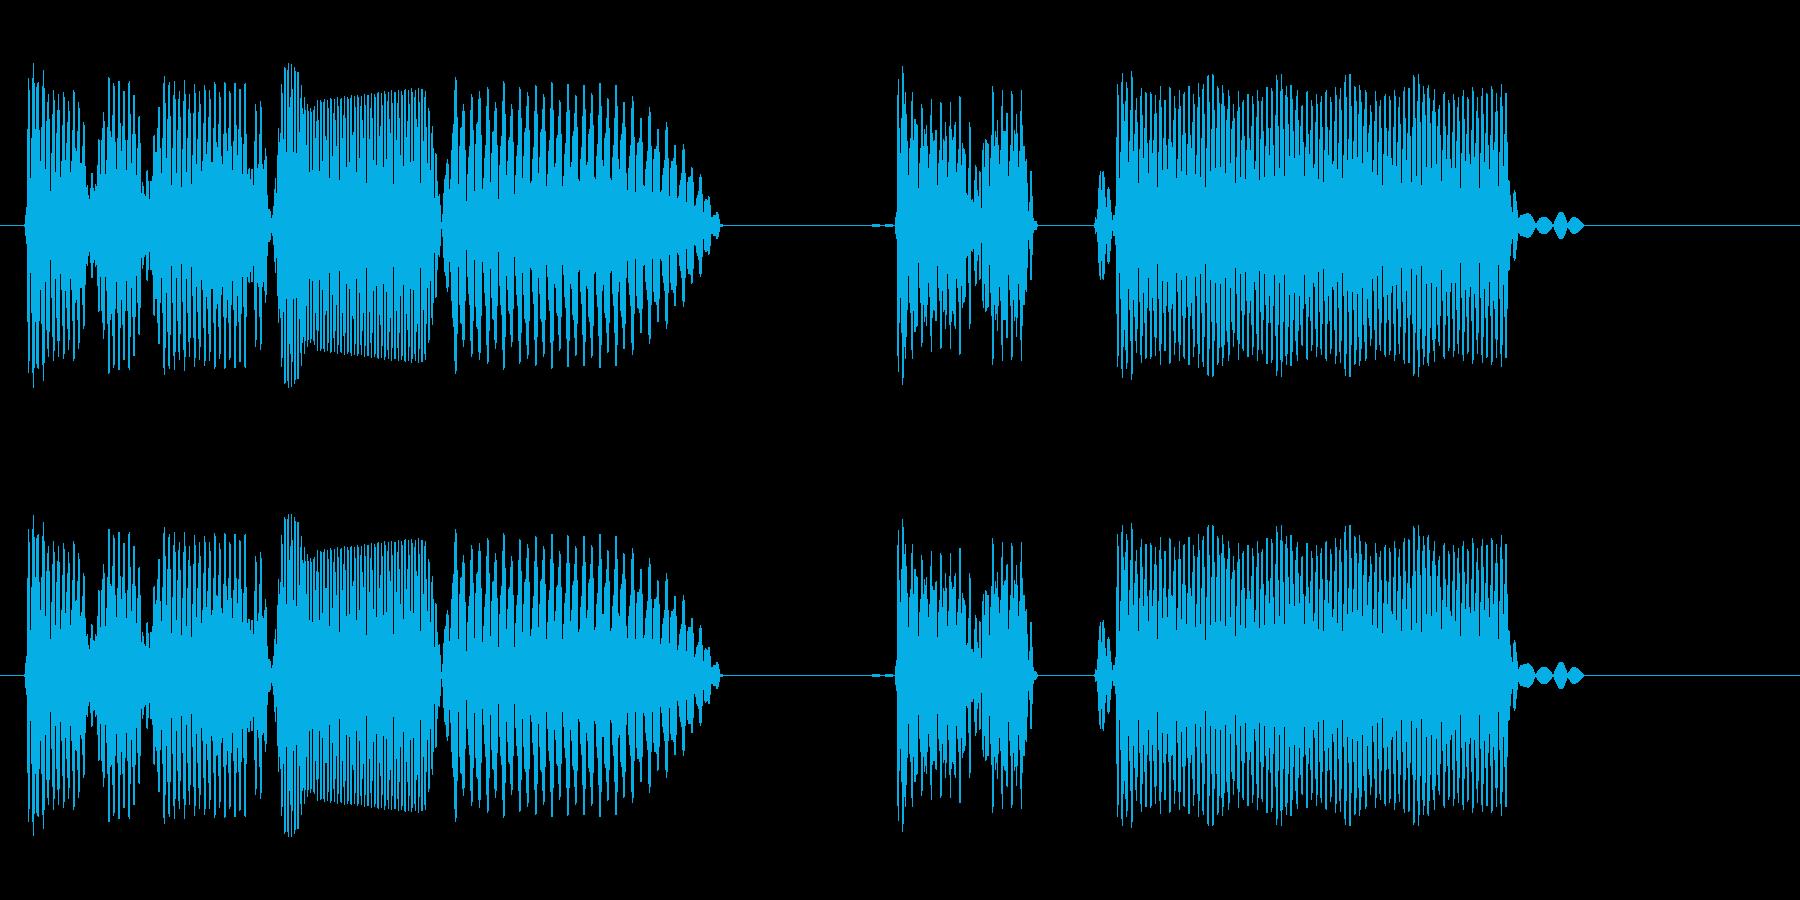 プヤンプーププー(ロボット声や電子音)の再生済みの波形